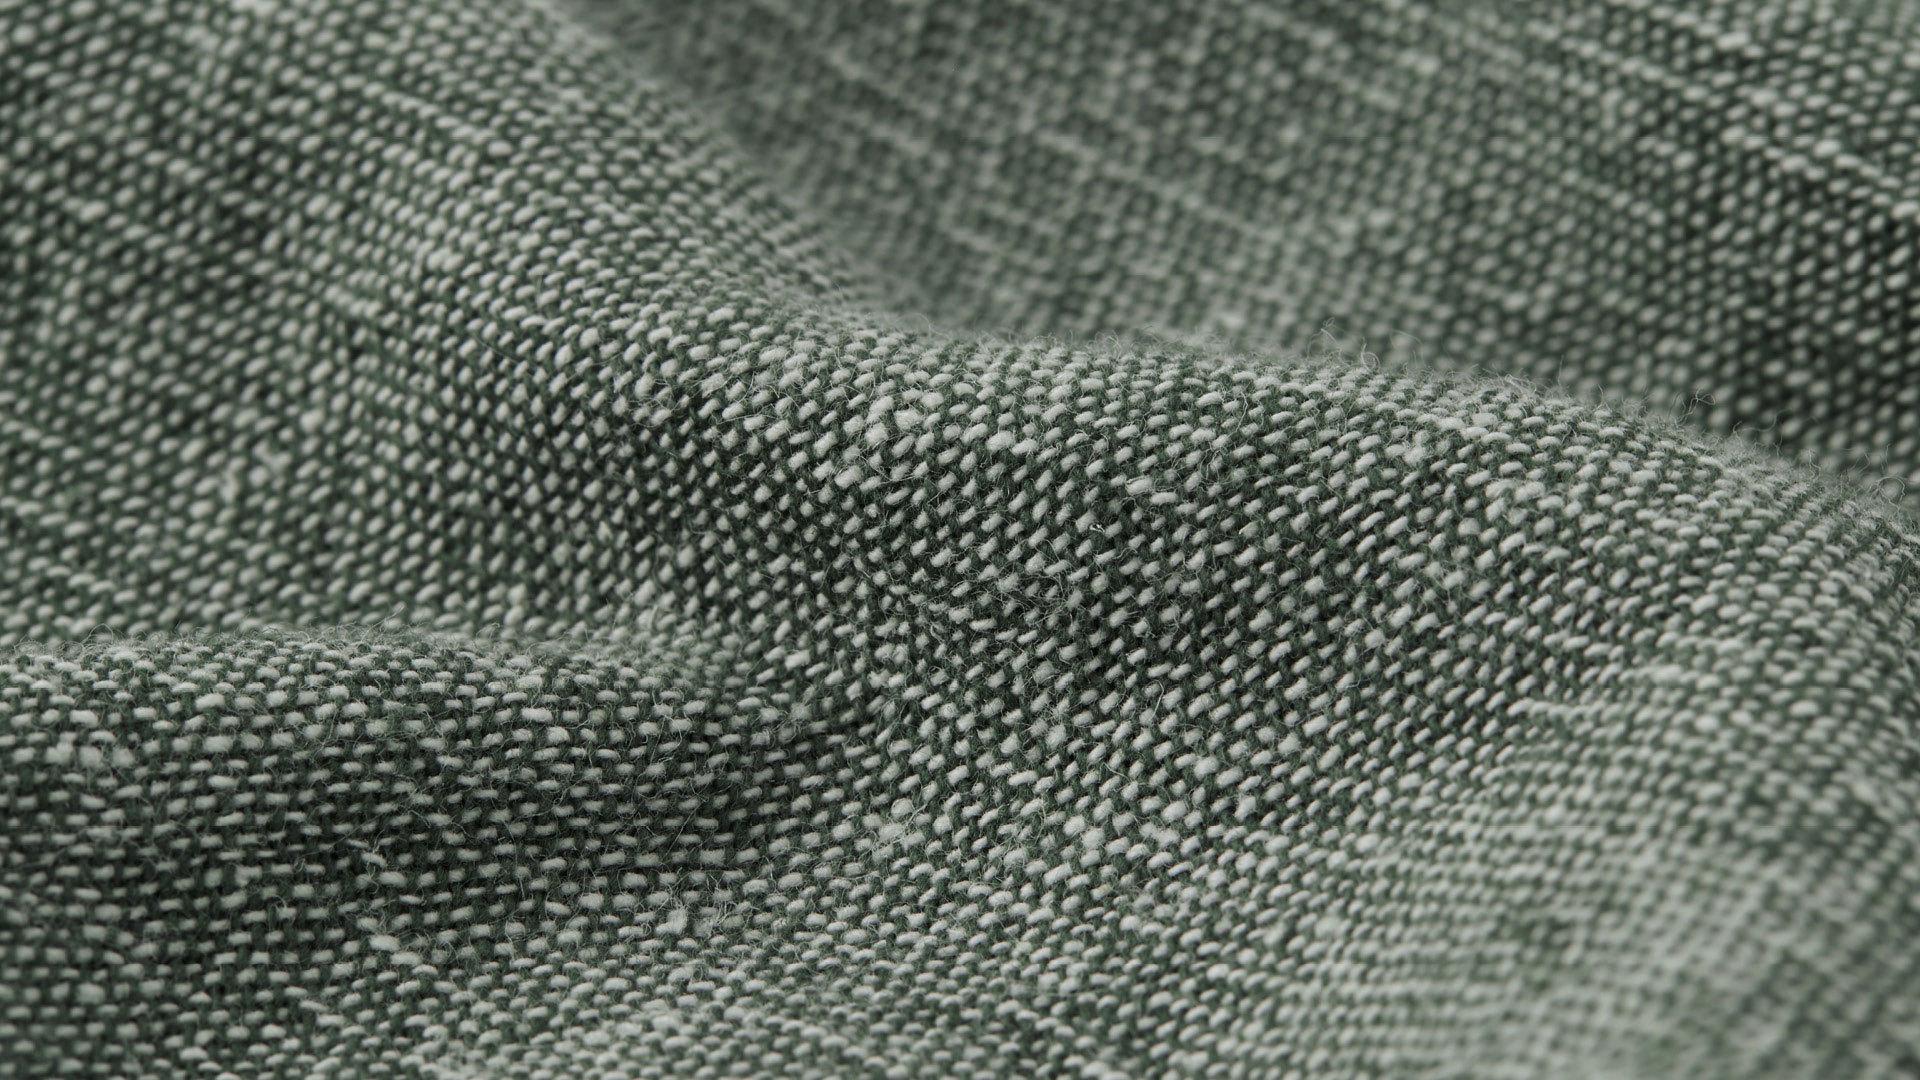 28%亚麻+72%棉黄金比例交织<br/>柔软与透气兼具,让肌肤自由呼吸